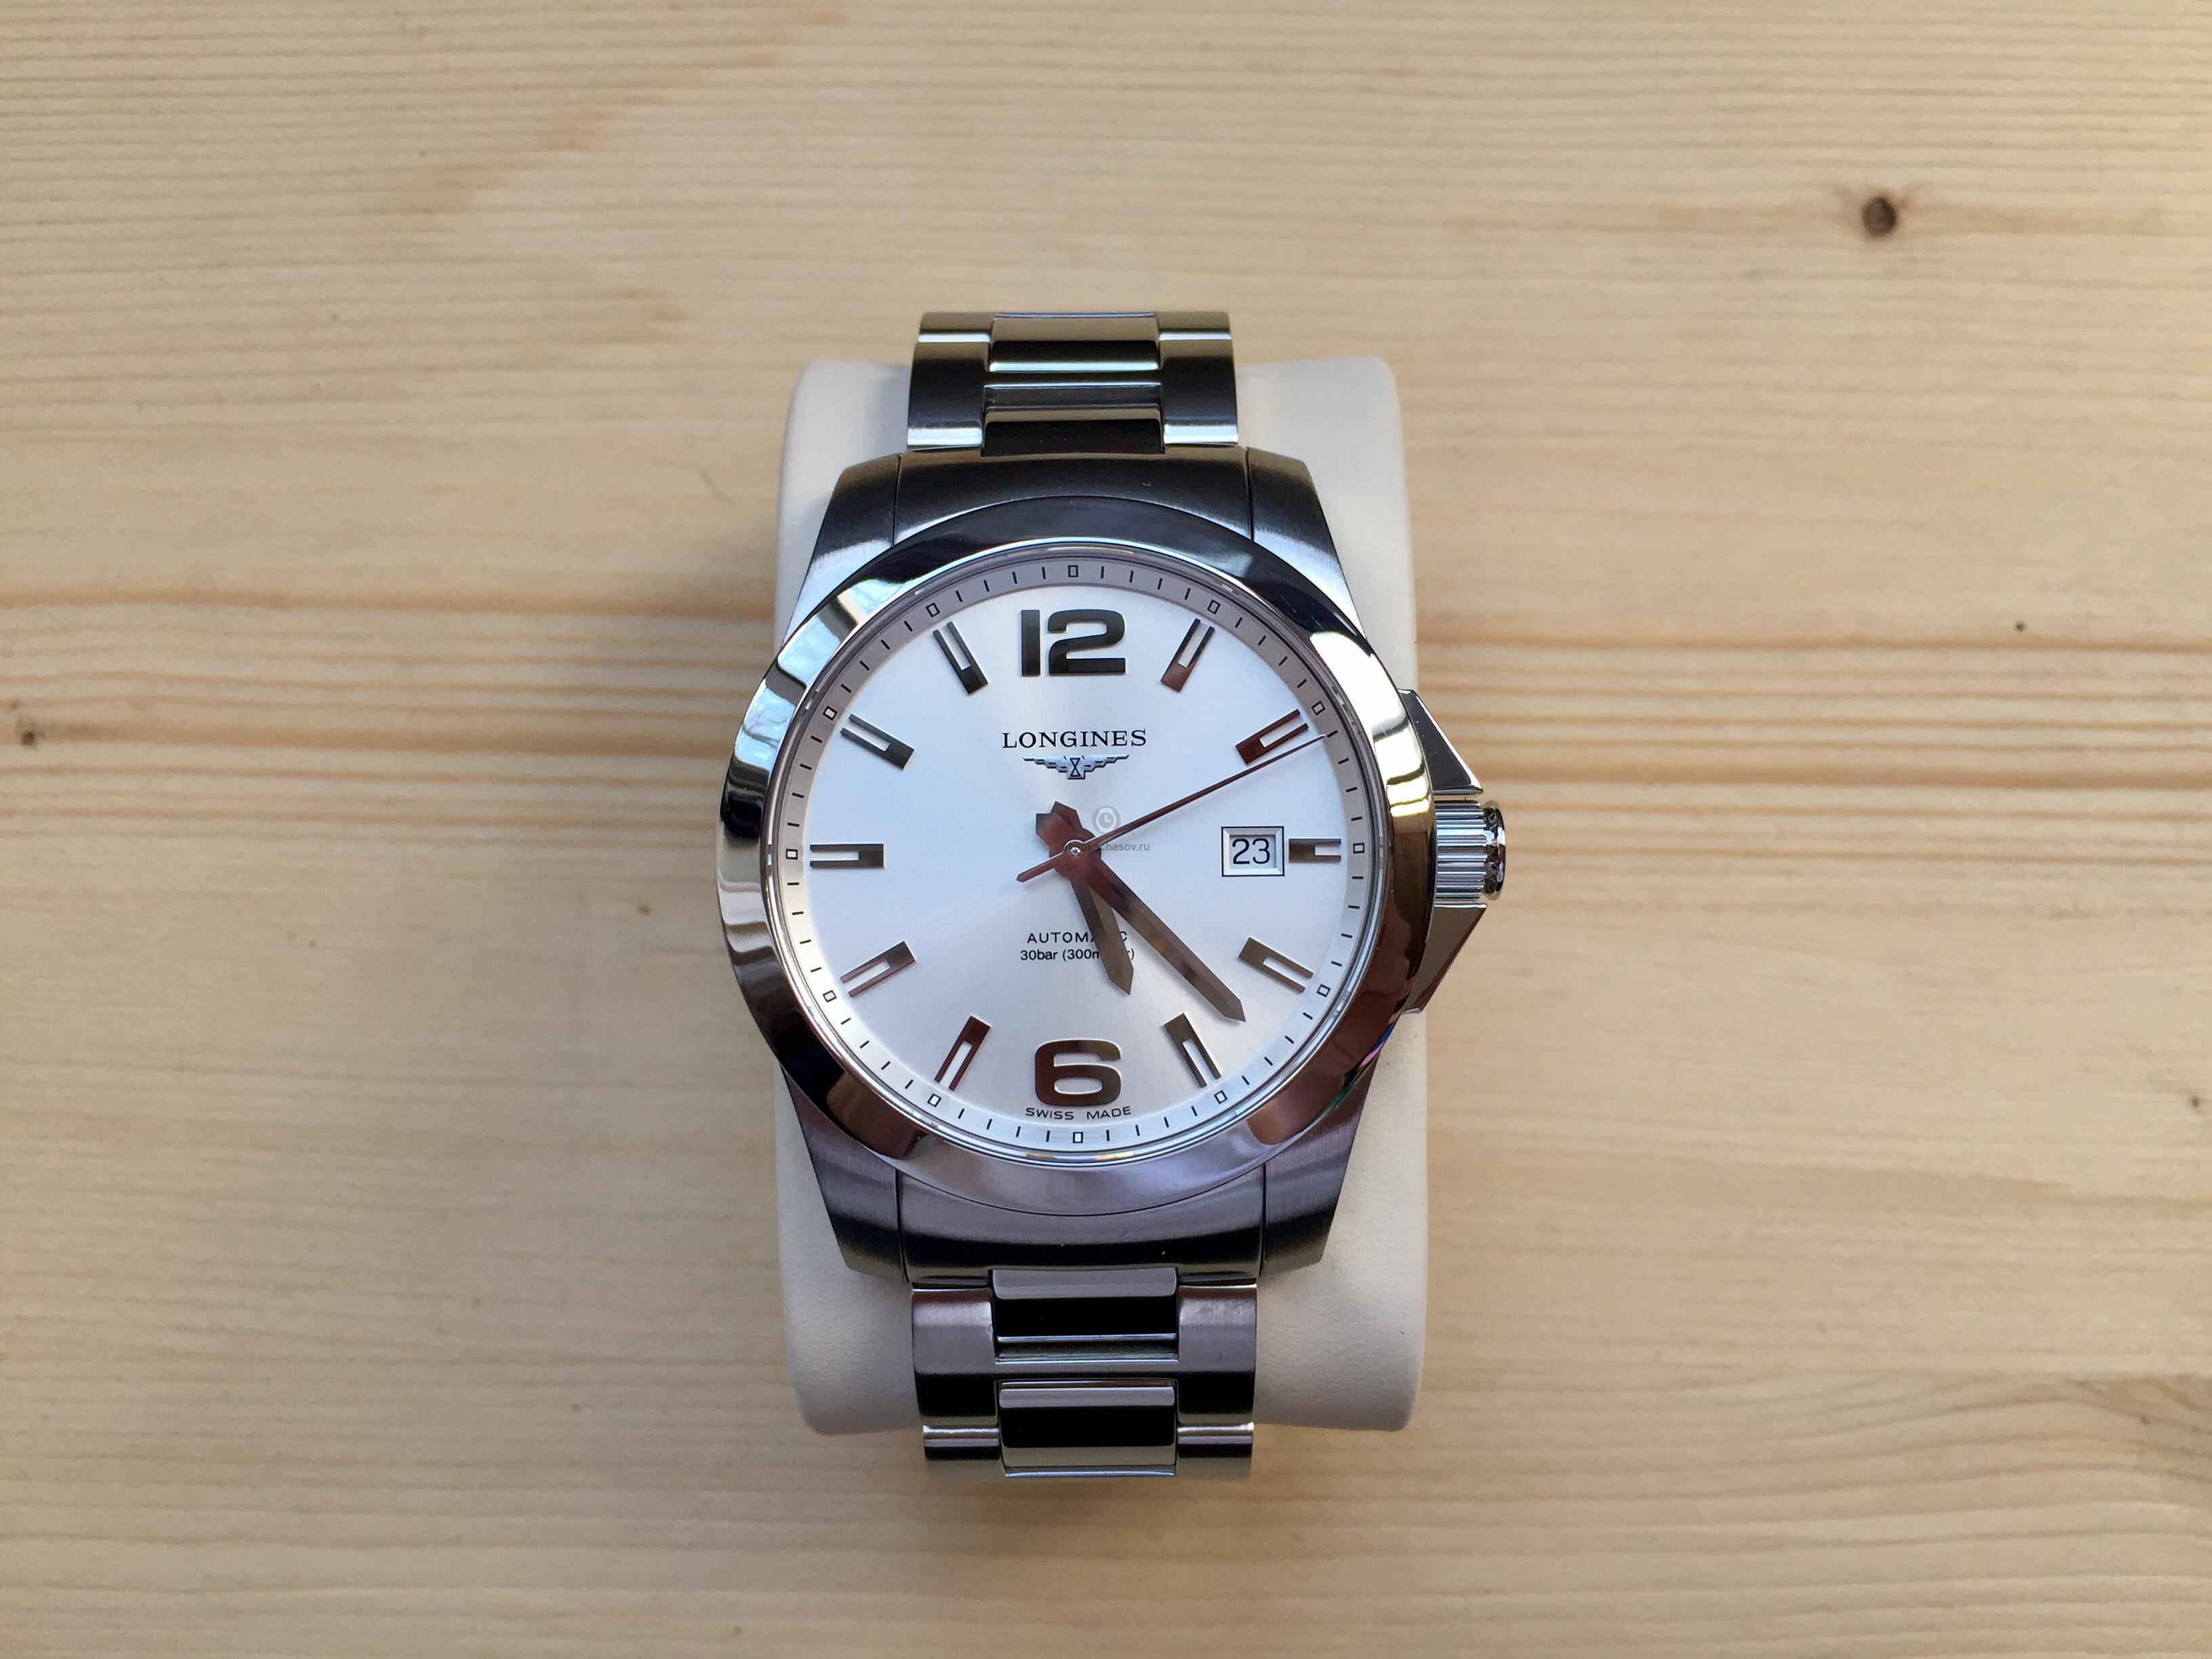 Купить наручные часы Longines Conquest в Часовой ломбард